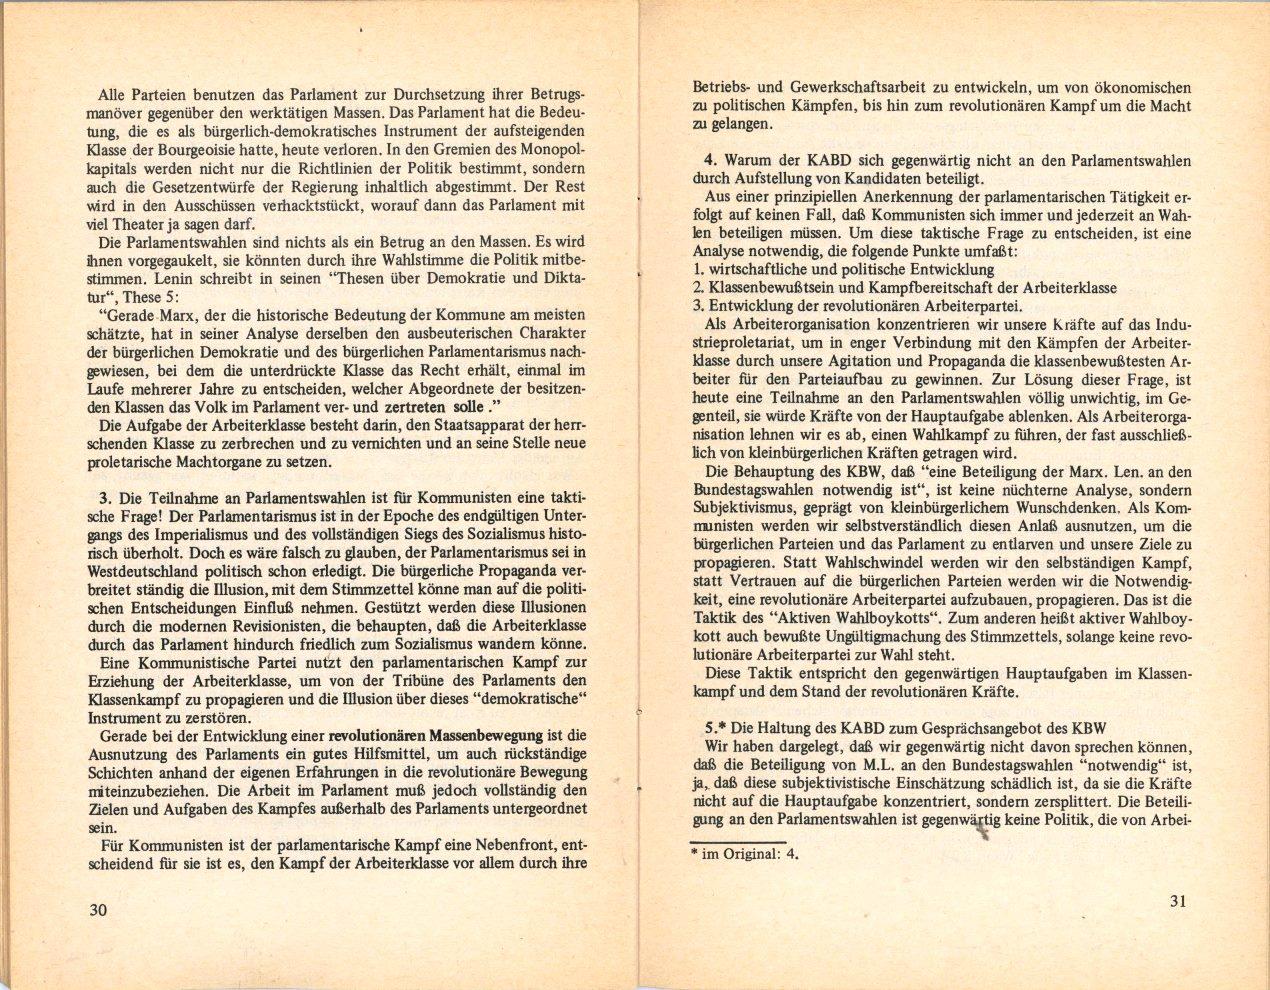 KBW_Materialien_zur_Auseinandersetzung_in_der_mlB_1976_17